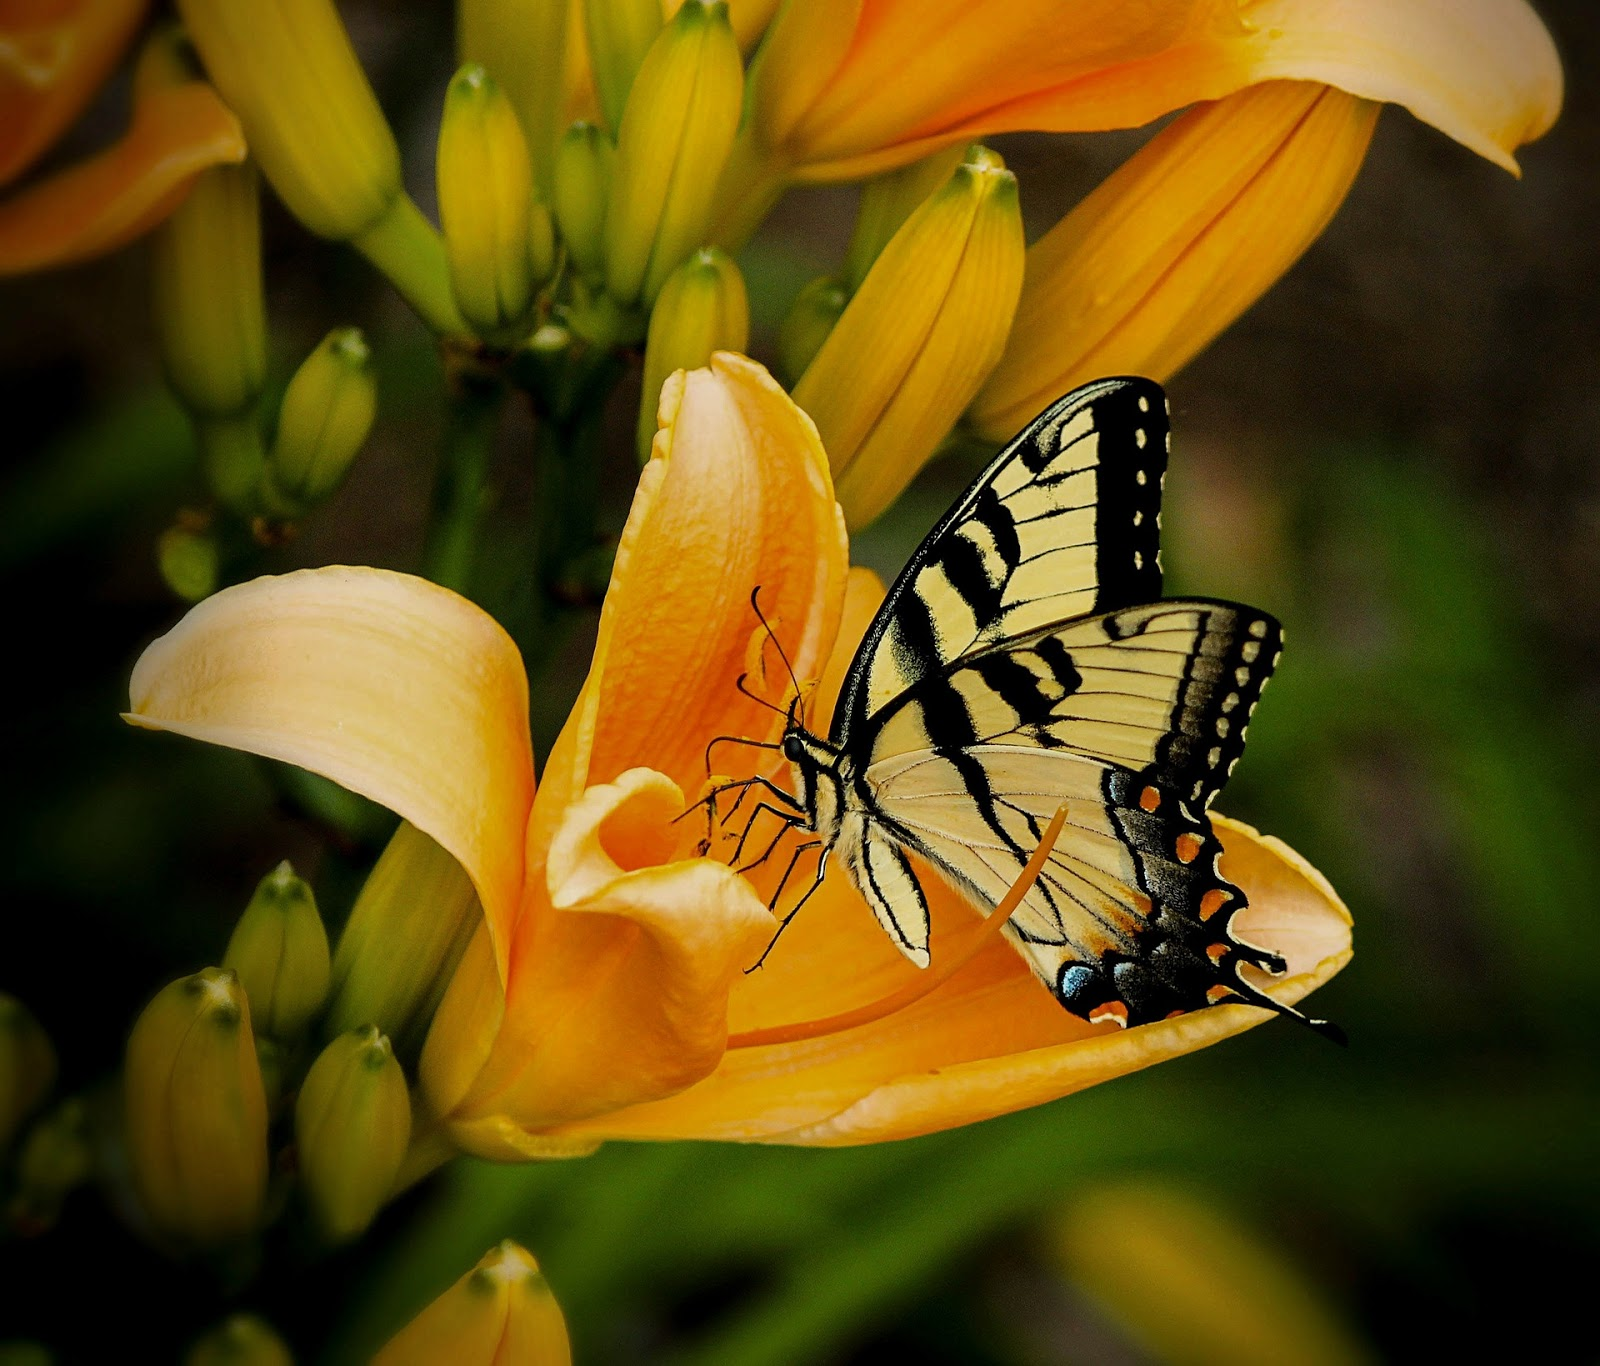 Imágenes De Mariposas Y Flores Hermosas Fotos Reales